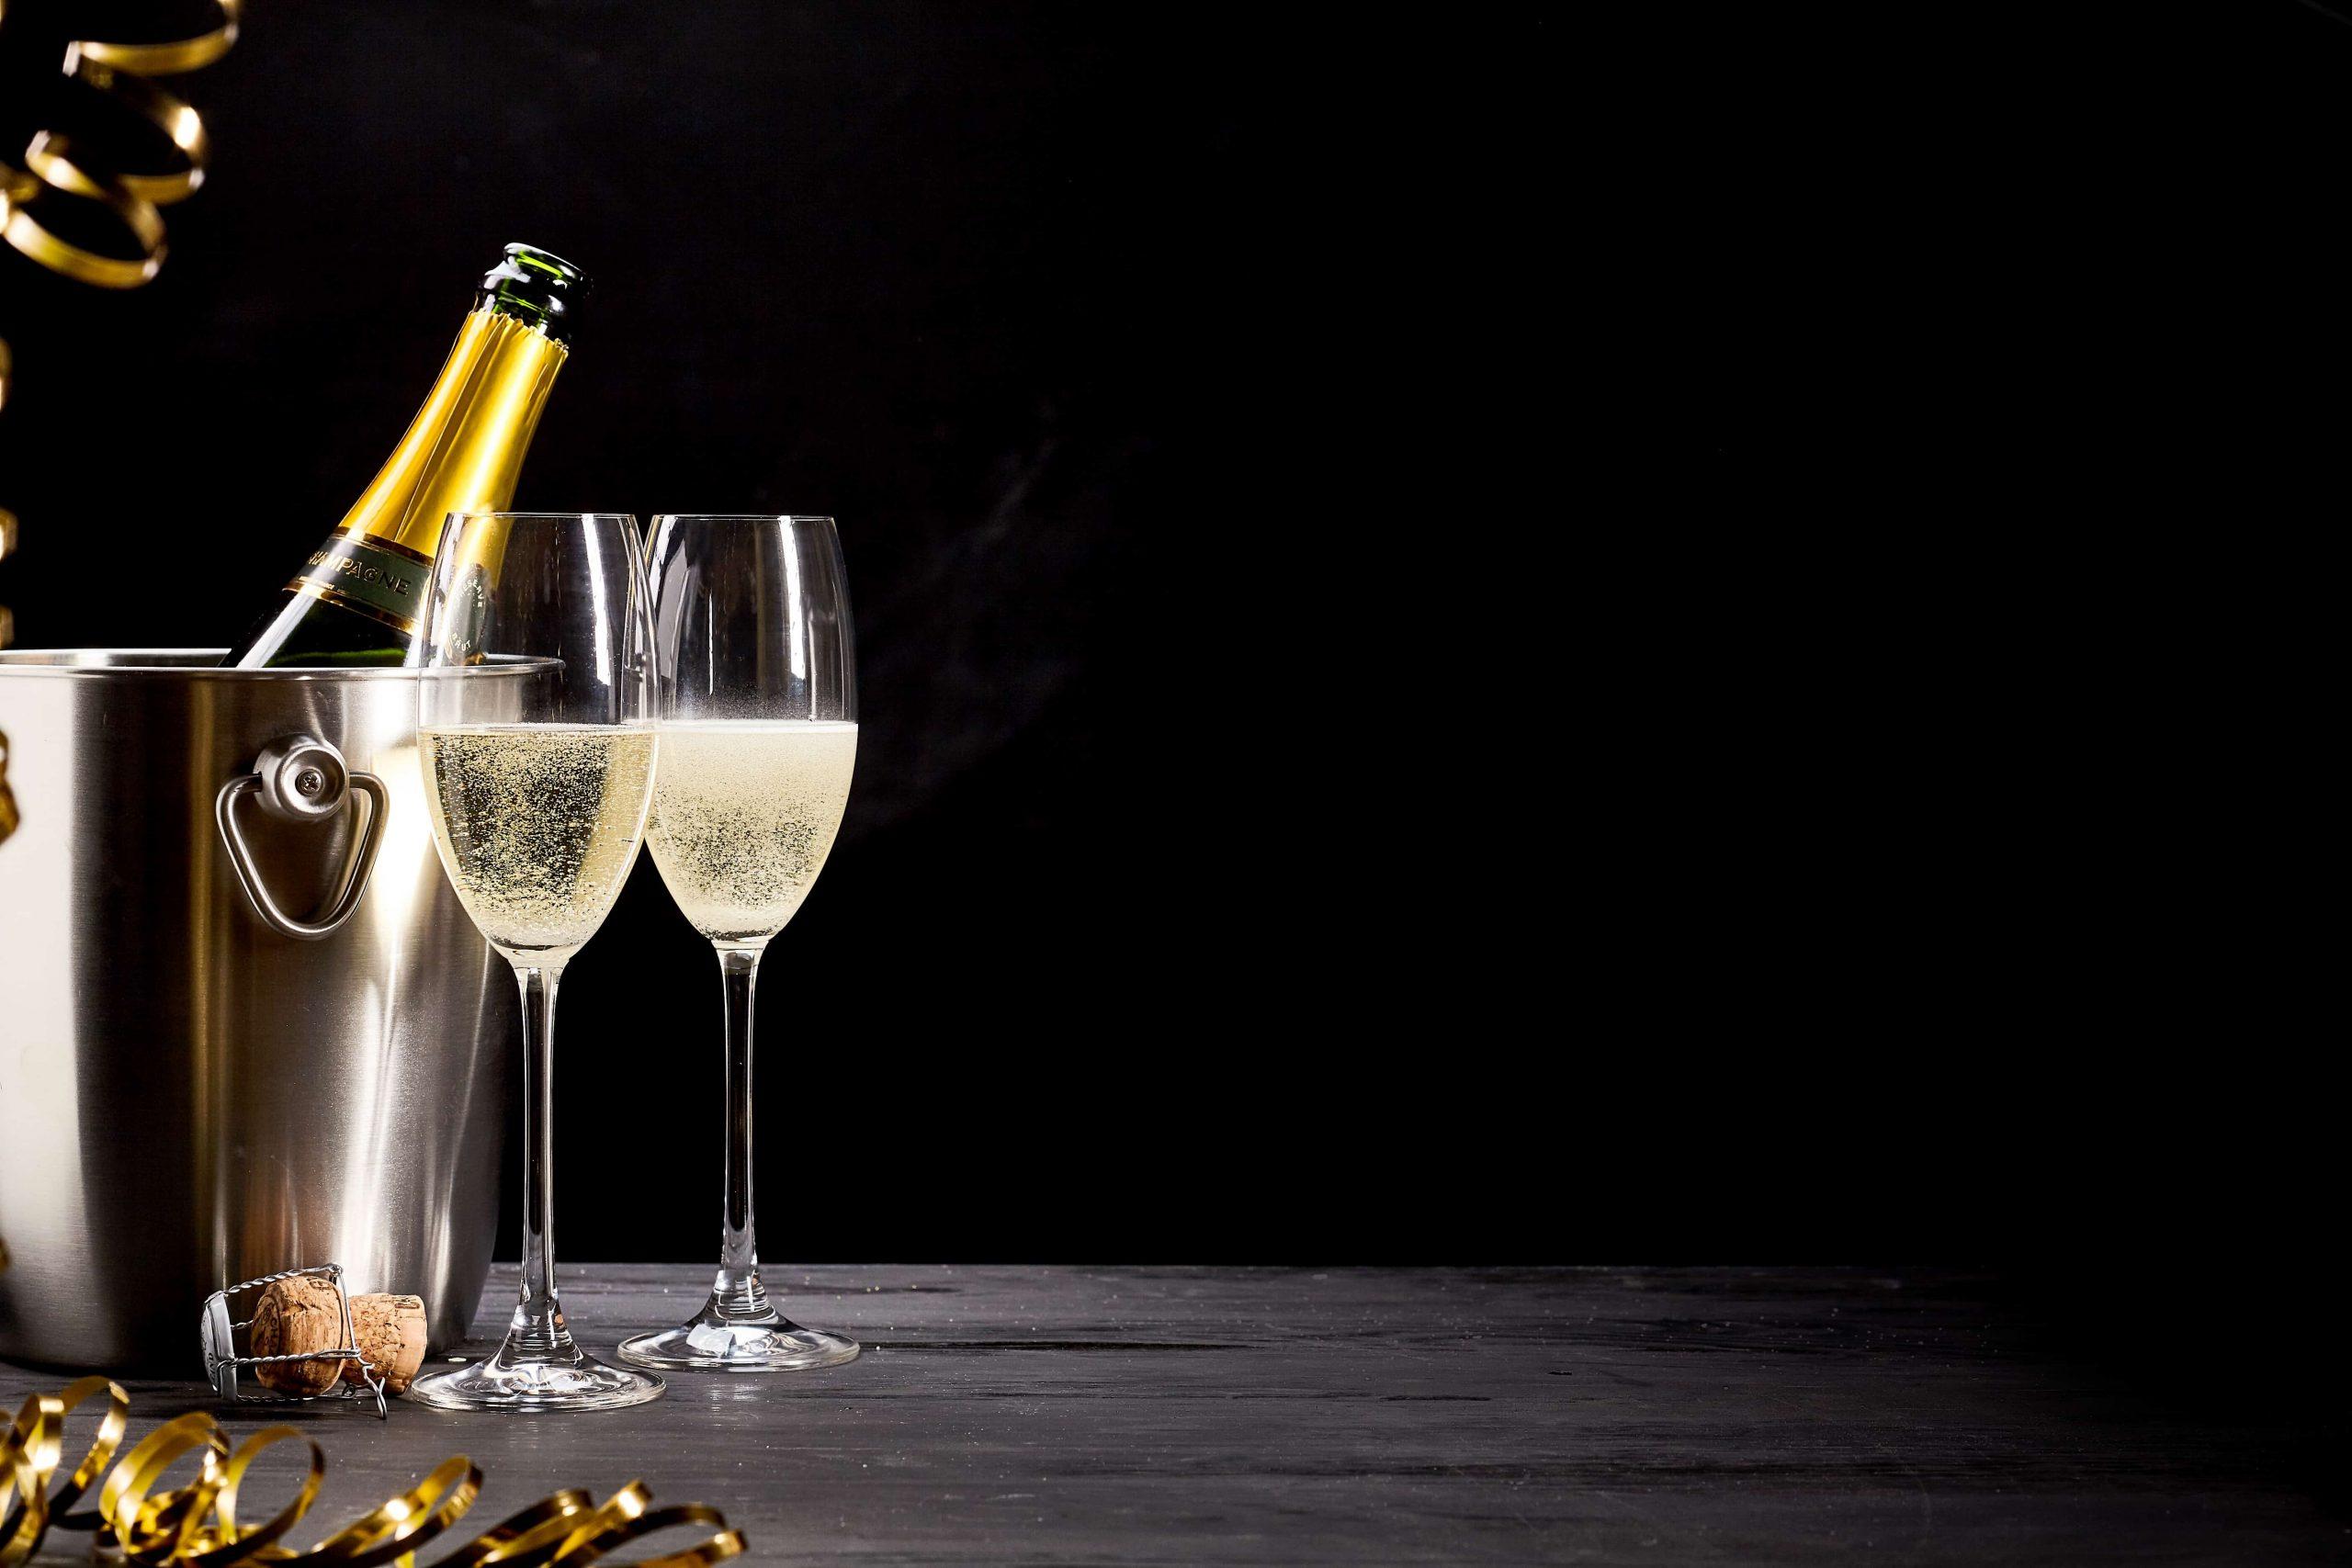 Weinkühler: Test & Empfehlungen (11/20)